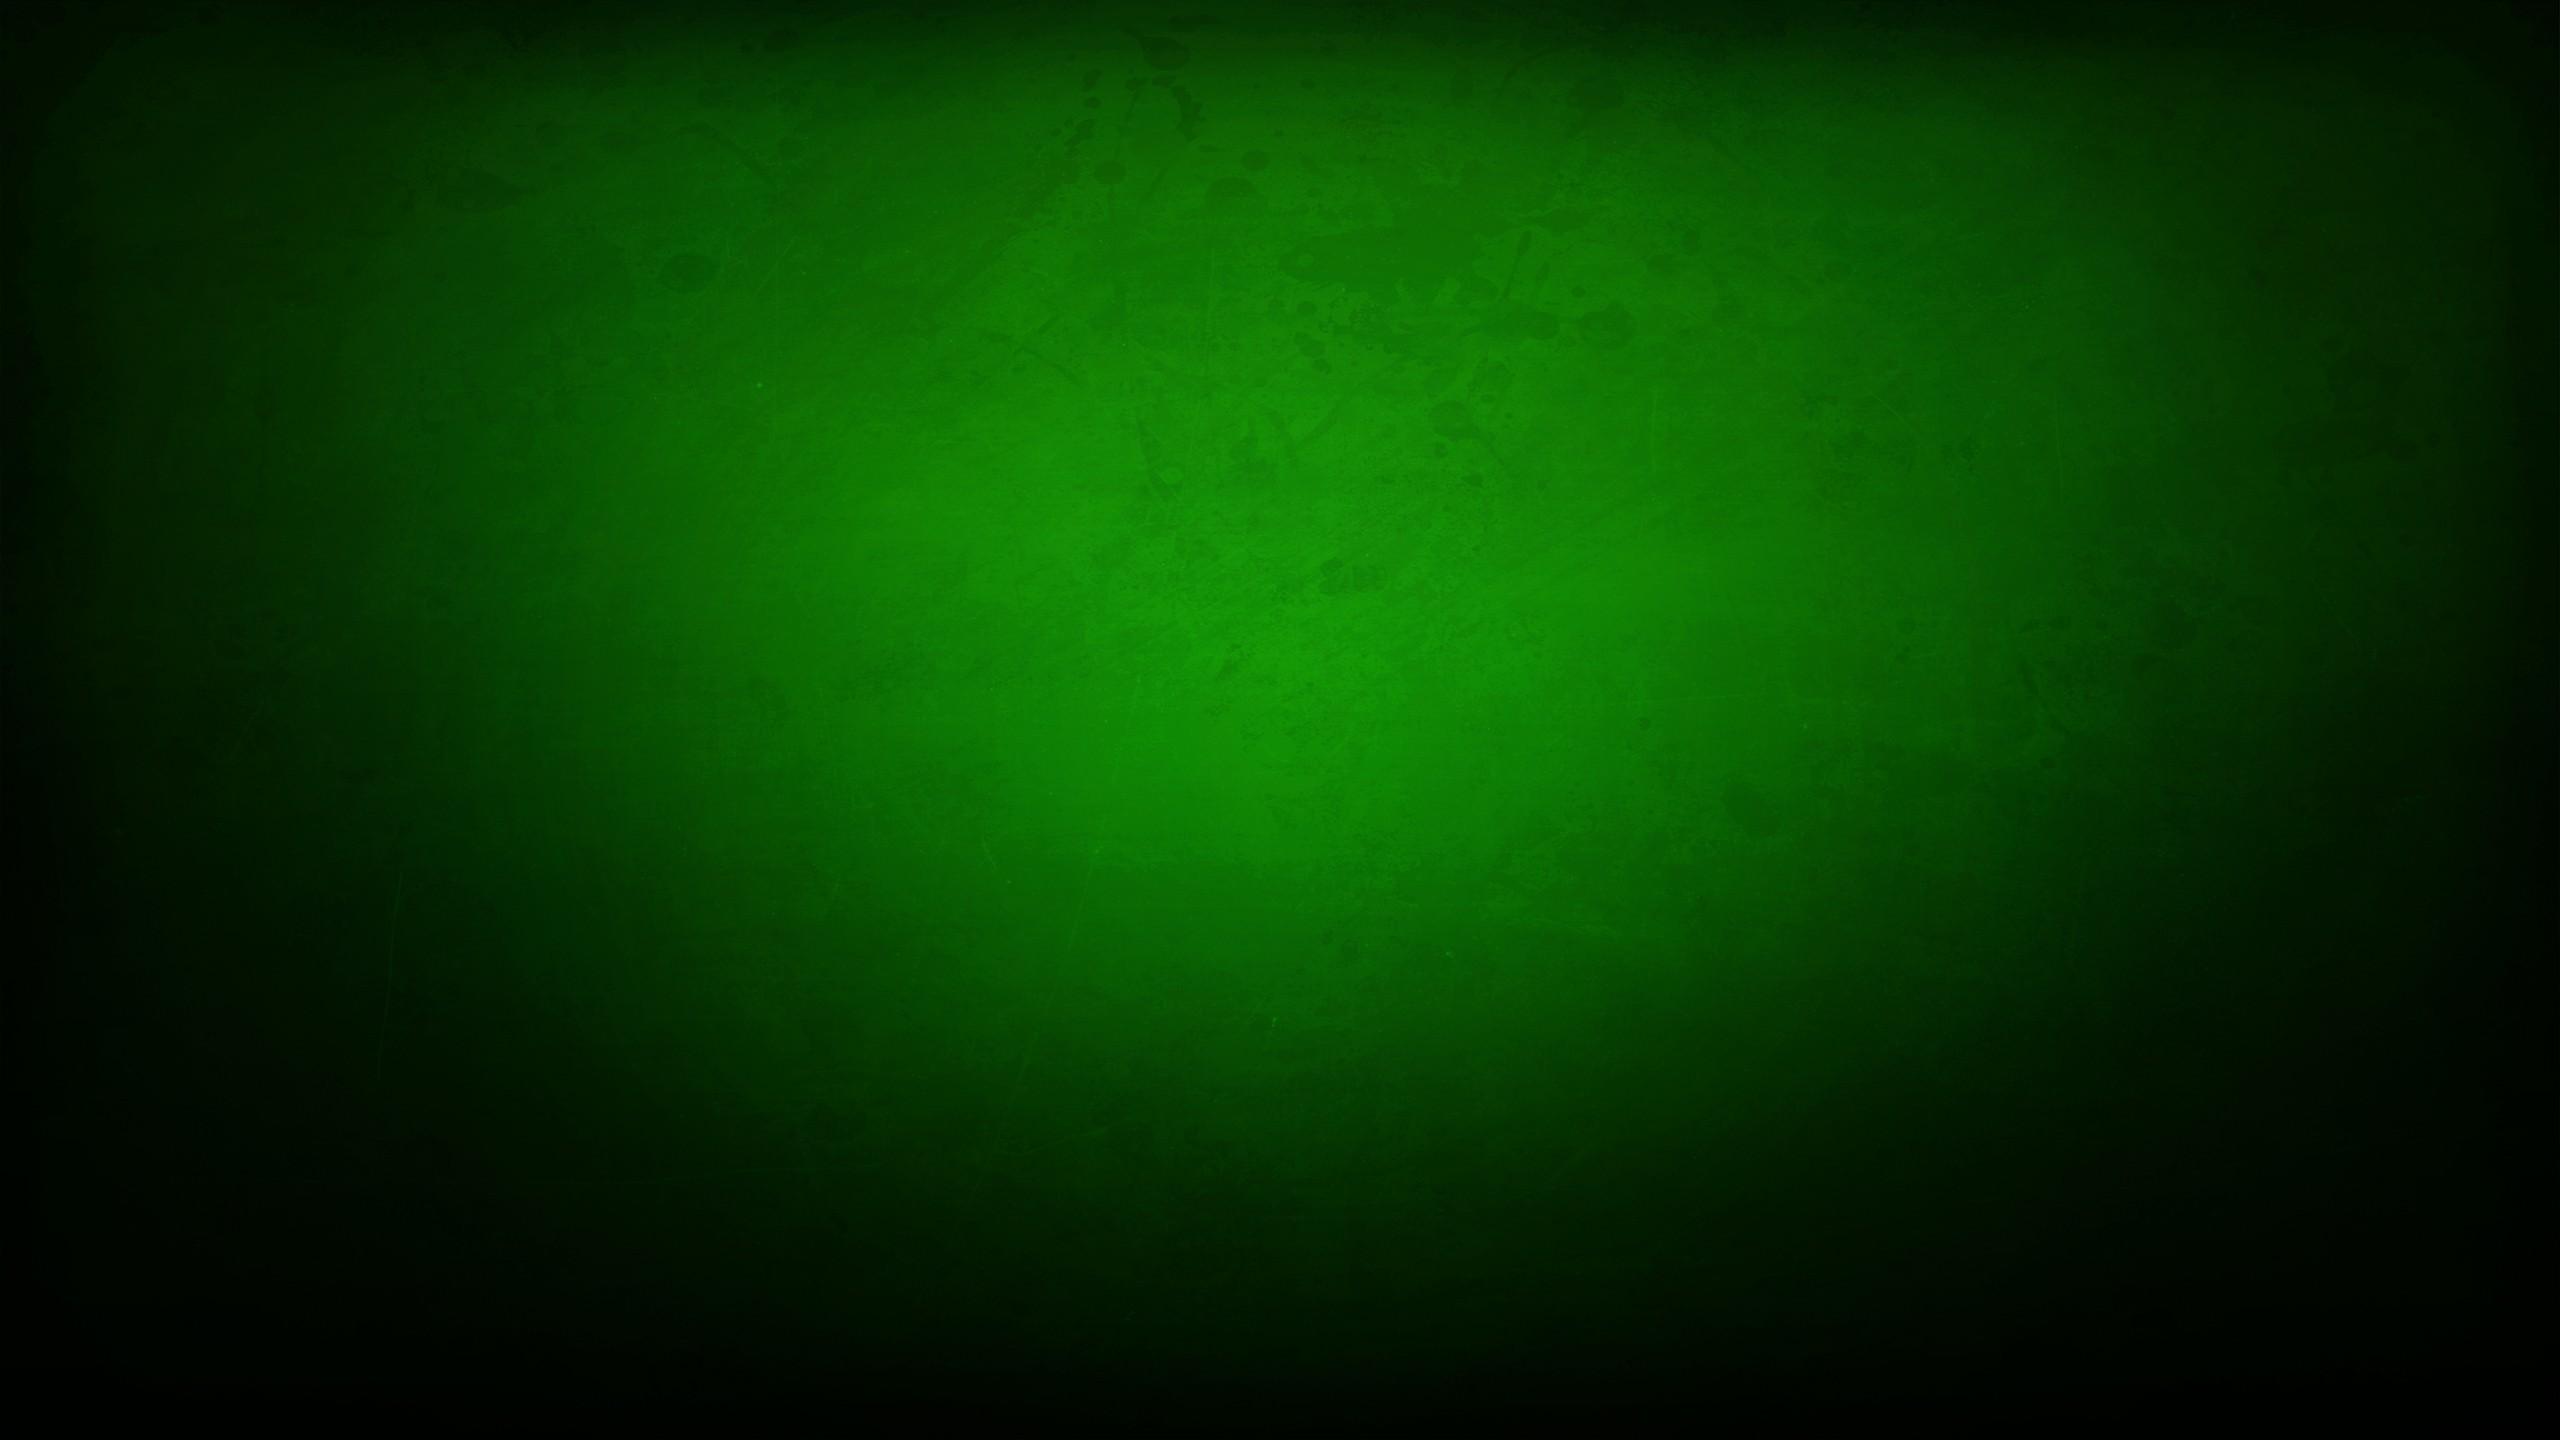 Green MSI Wallpaper - WallpaperSafari